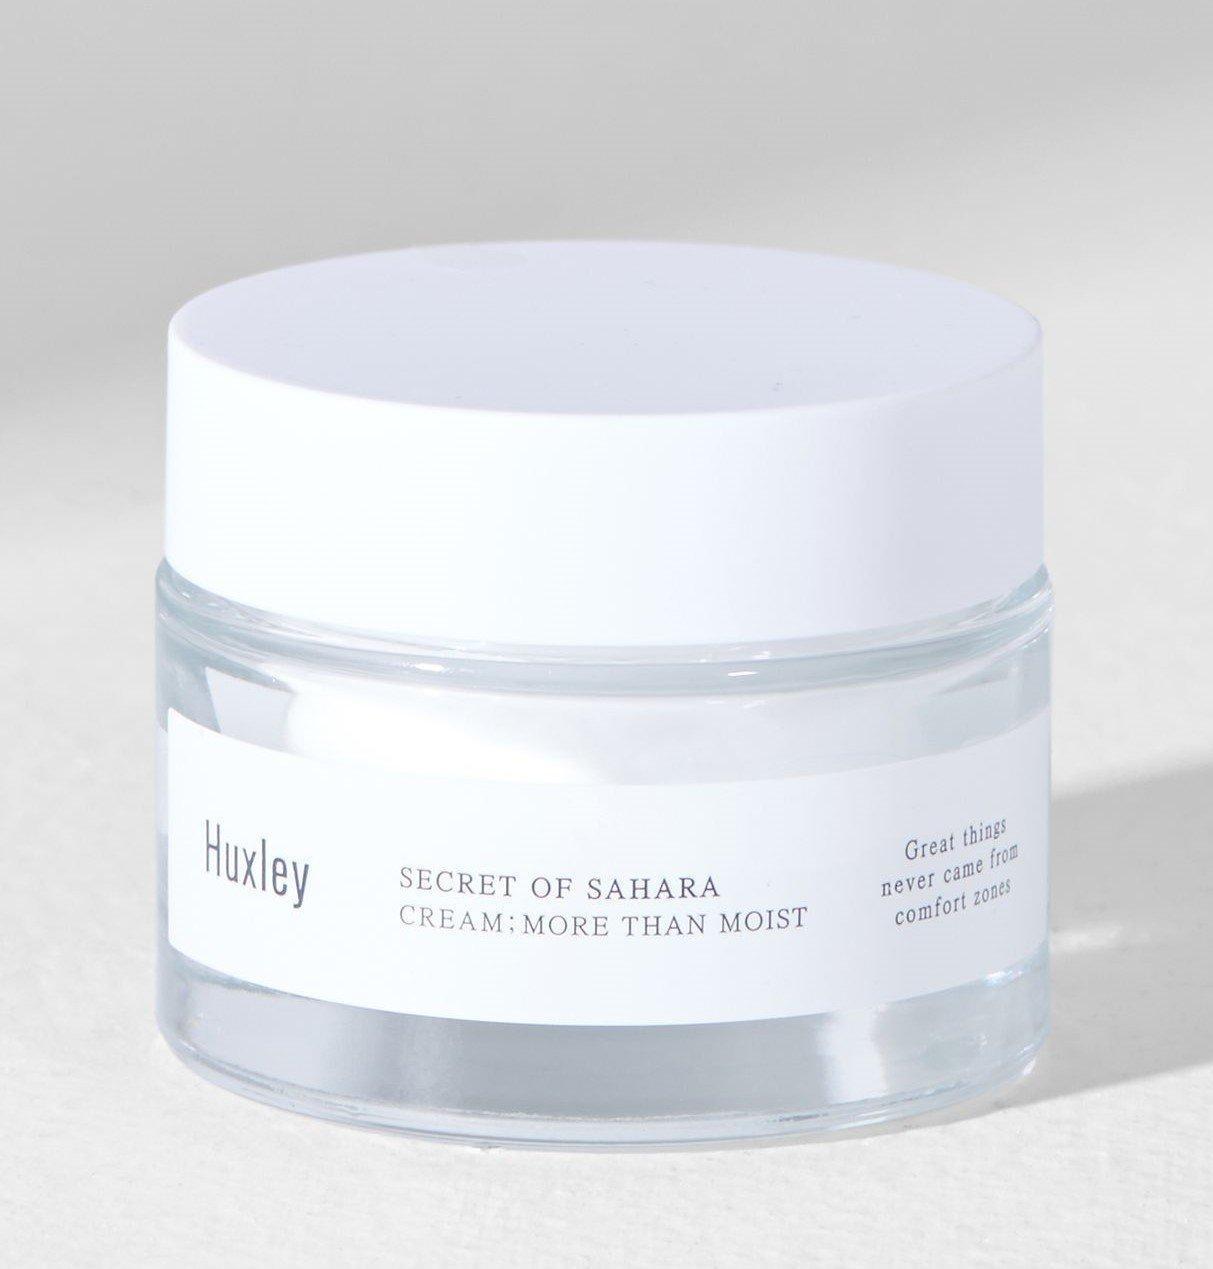 Kem dưỡng ẩm và chống lão hóa Huxley Cream More Than Moist (ảnh: Internet)